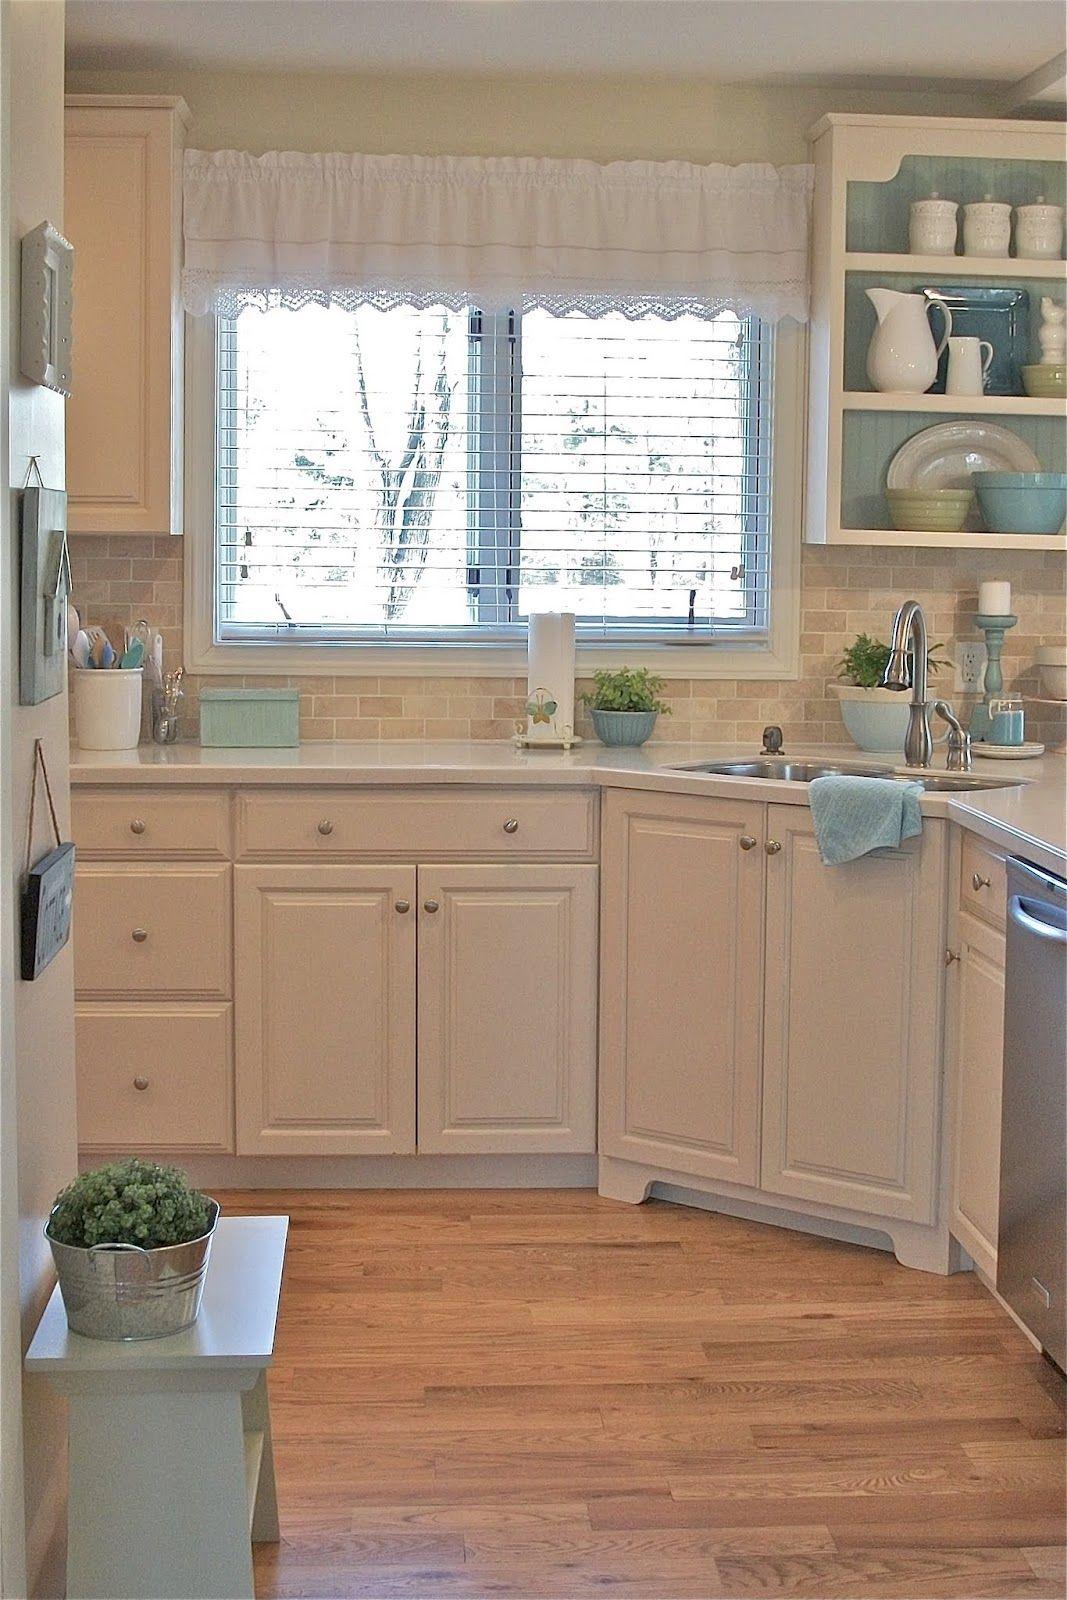 a pocketful of blue home tour kitchen pinterest haus zuhause und wohnung gestalten. Black Bedroom Furniture Sets. Home Design Ideas